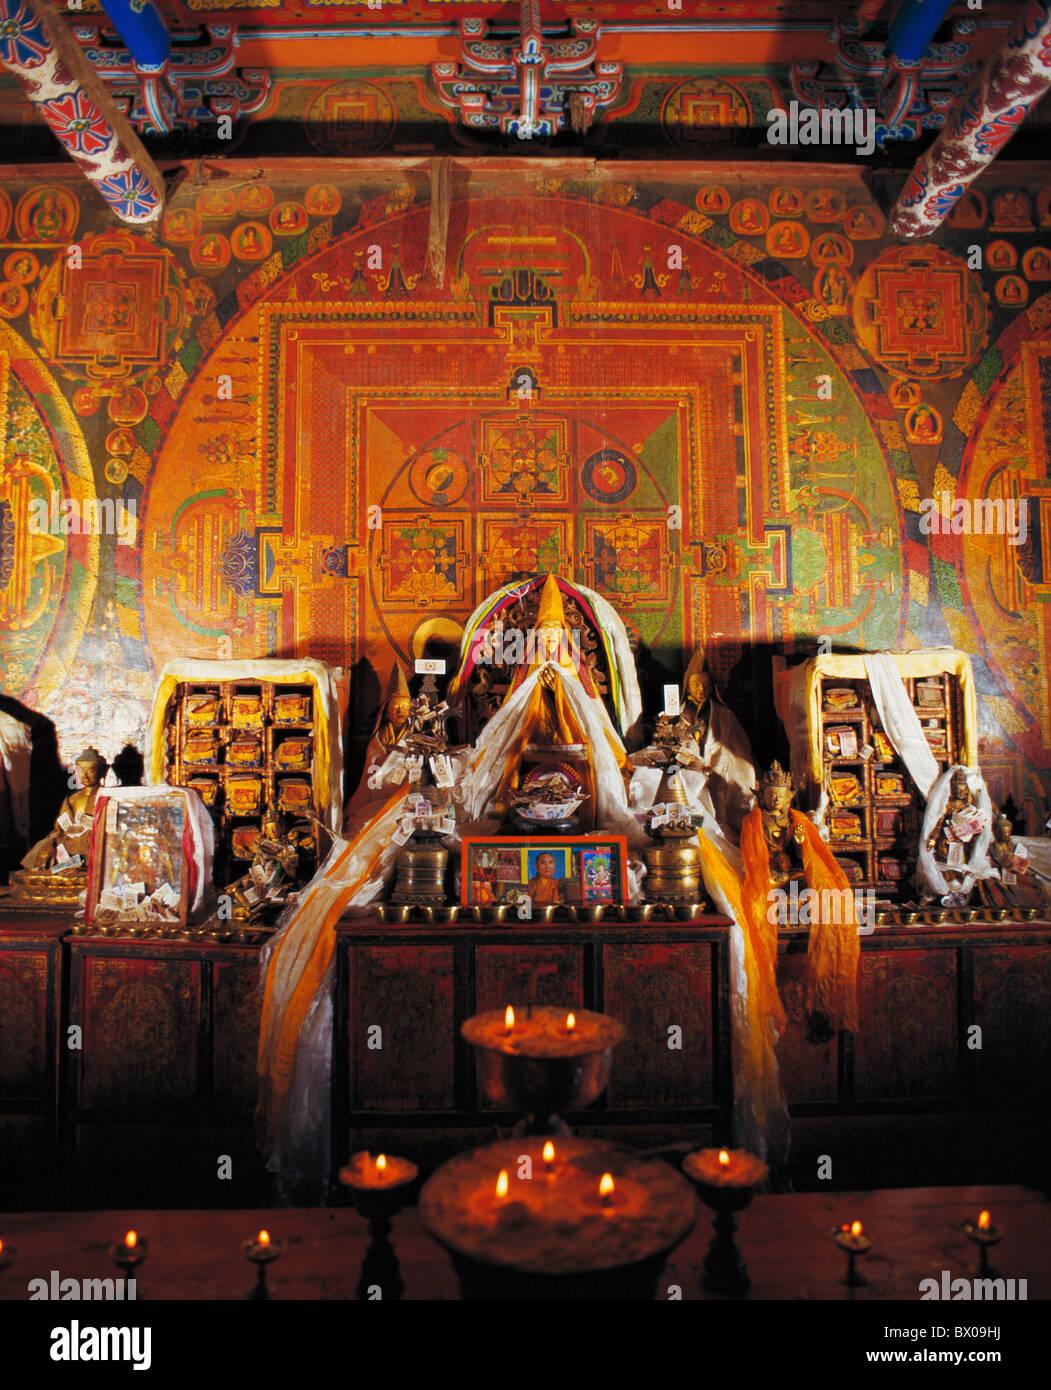 Scripture Hall in Xalu Monastery, Xigaze, Tibet, China - Stock Image